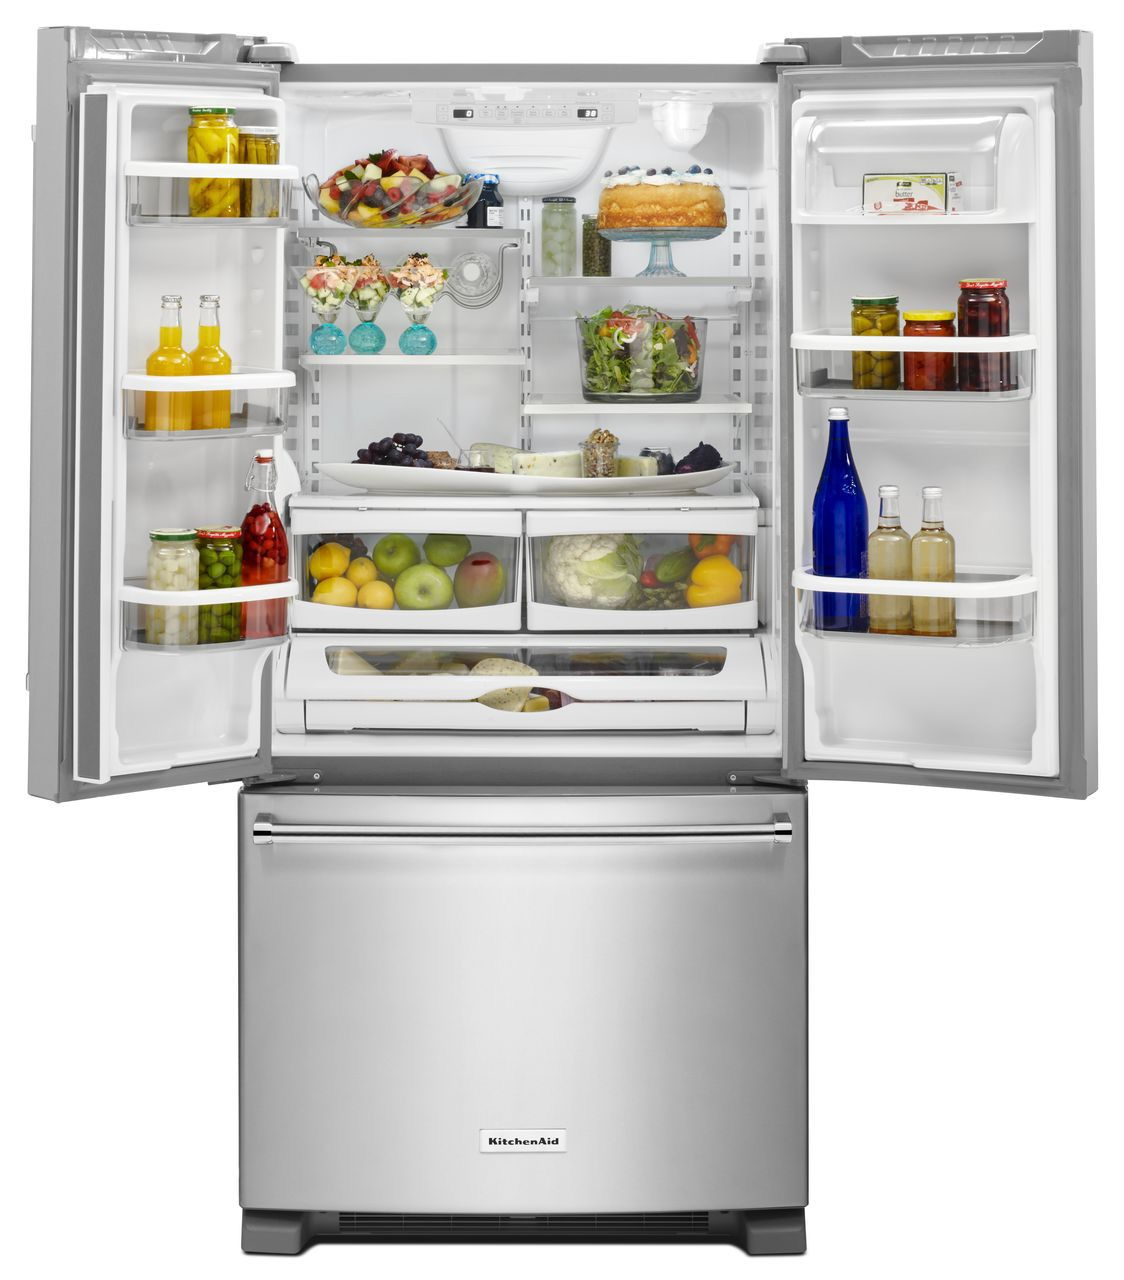 Kitchen Aid French Door Kitchenaid White French Door Refrigerator Krff302ewh